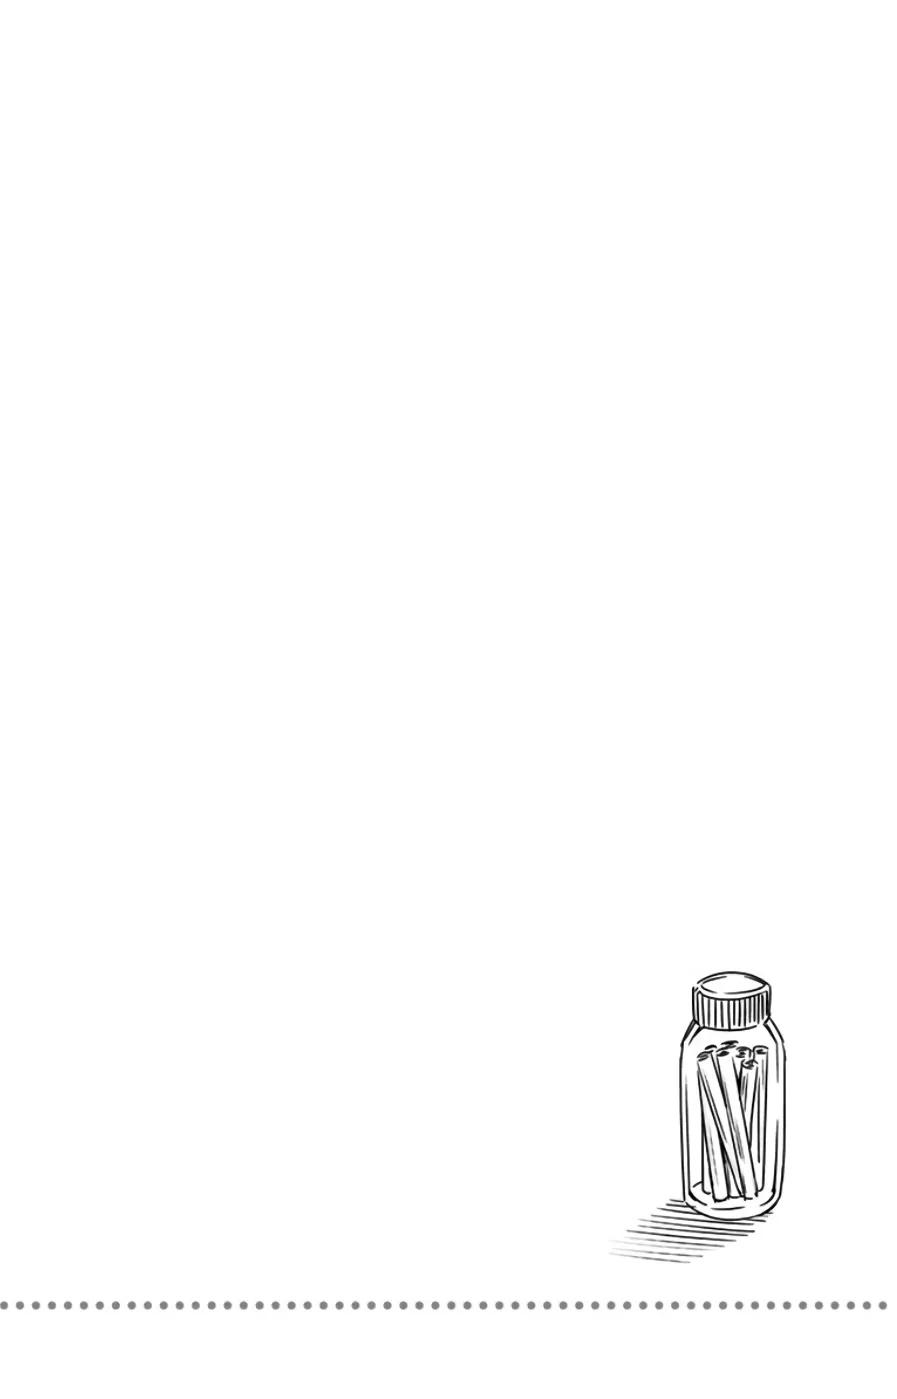 Shokugeki no Soma Chapter 109.5  Online Free Manga Read Image 3